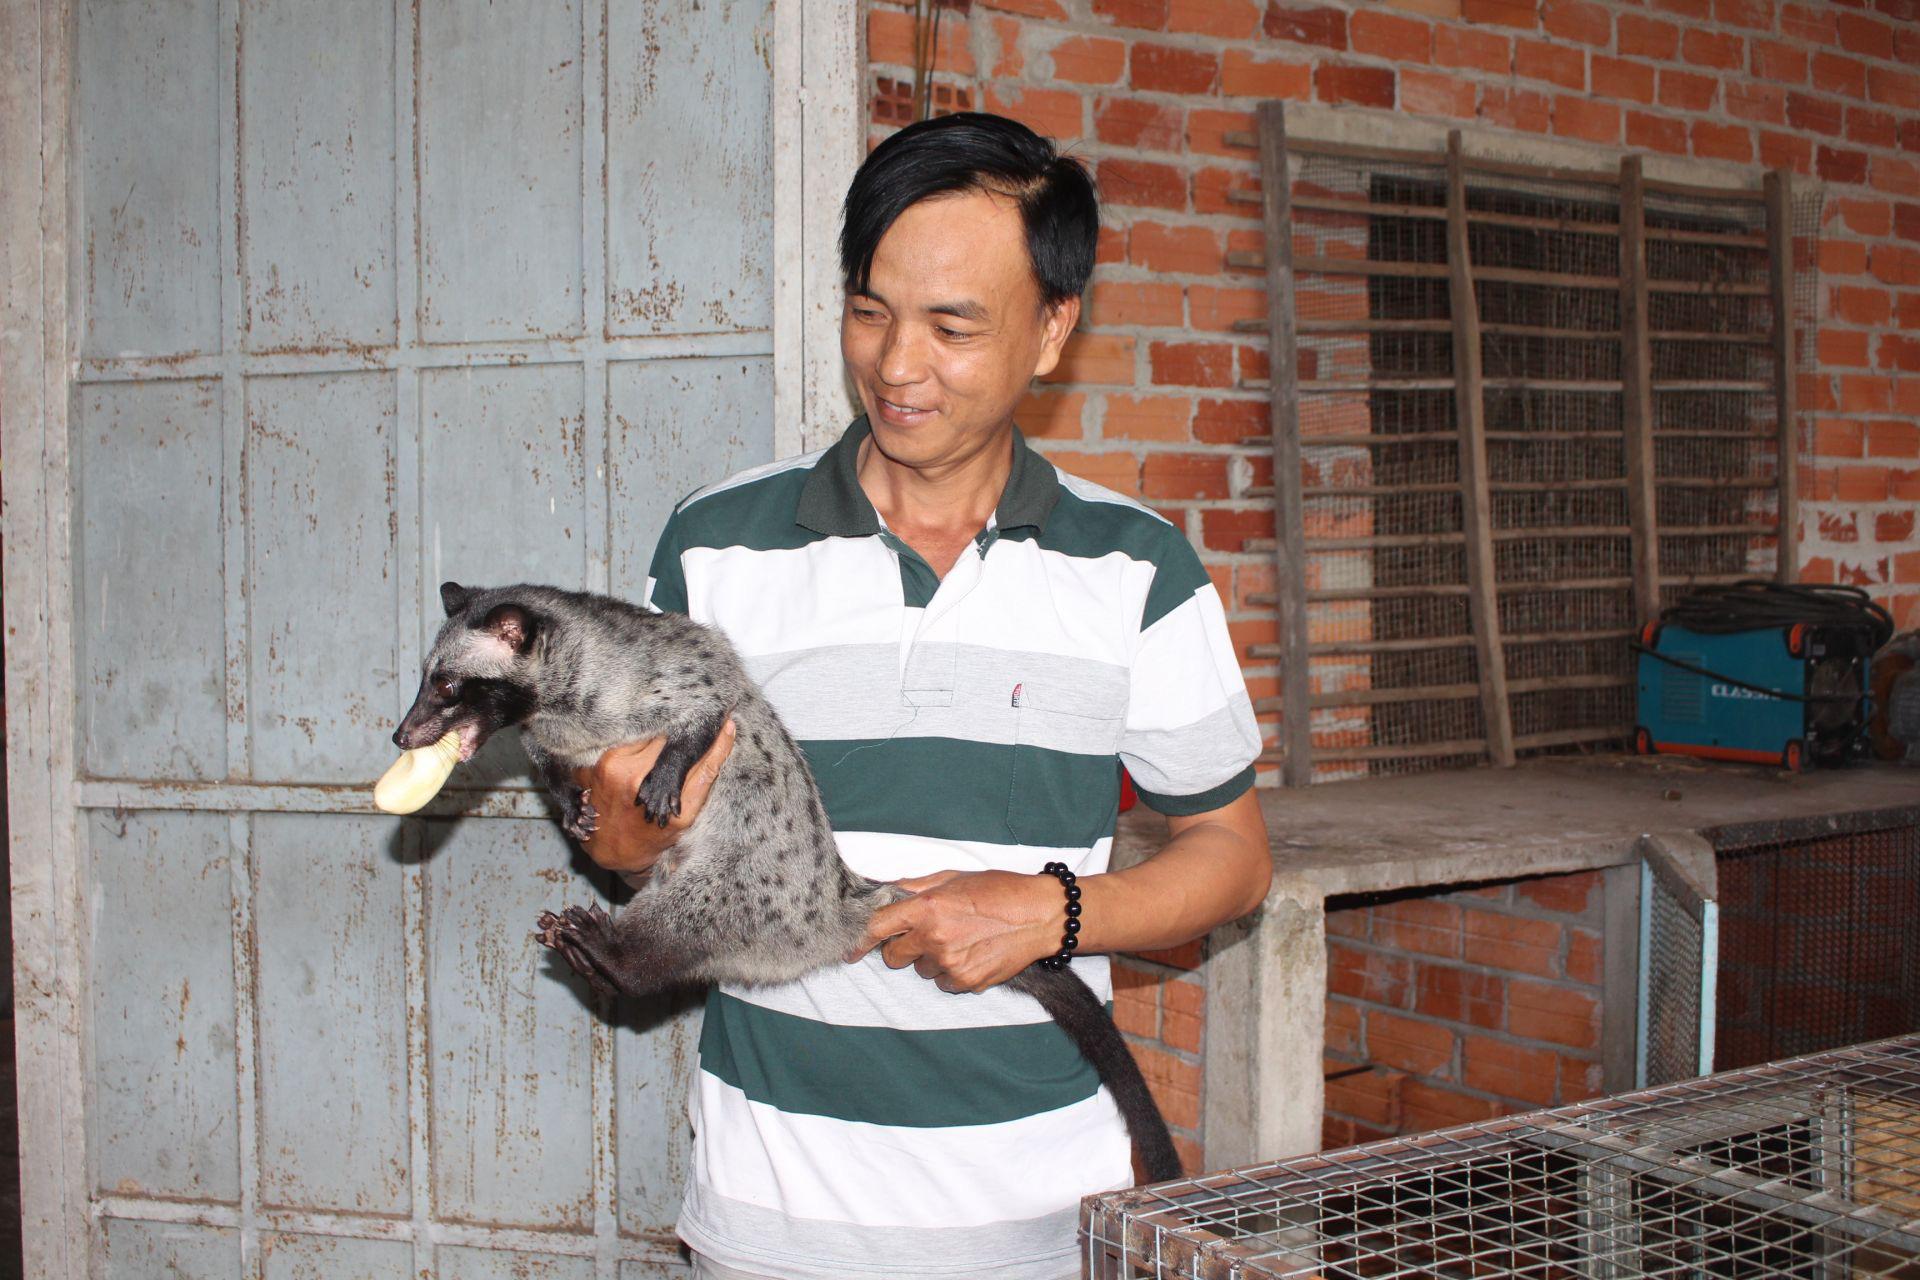 Nuôi loài thú trông như mèo mướp, bế trên tay mà miệng vẫn cố ngậm trái chuối, một nông dân tỉnh Tây Ninh khá giả - Ảnh 1.